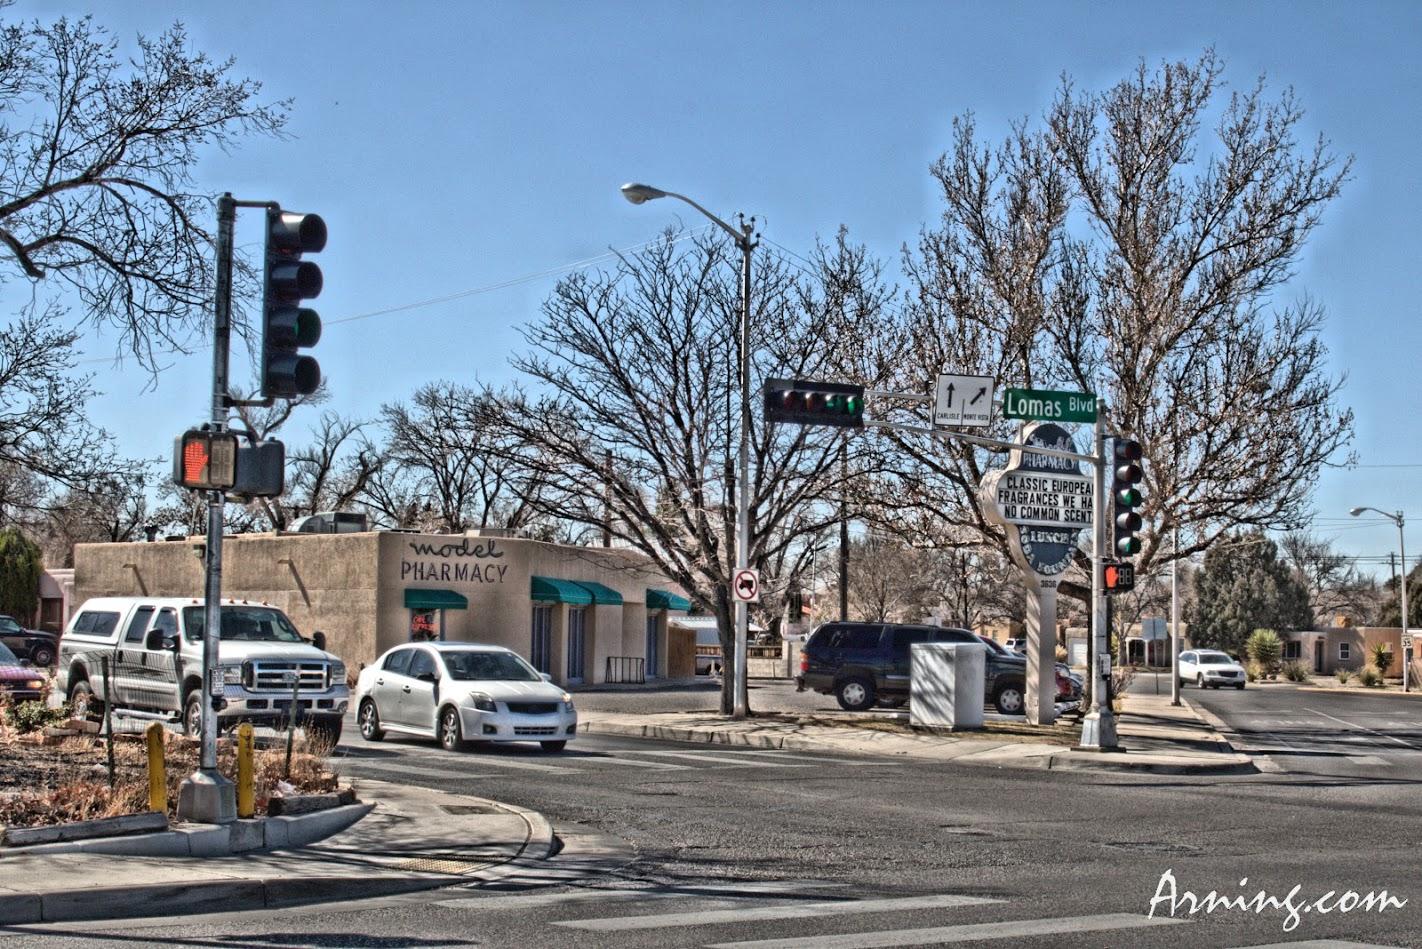 Albuquerque's Model Pharmacy